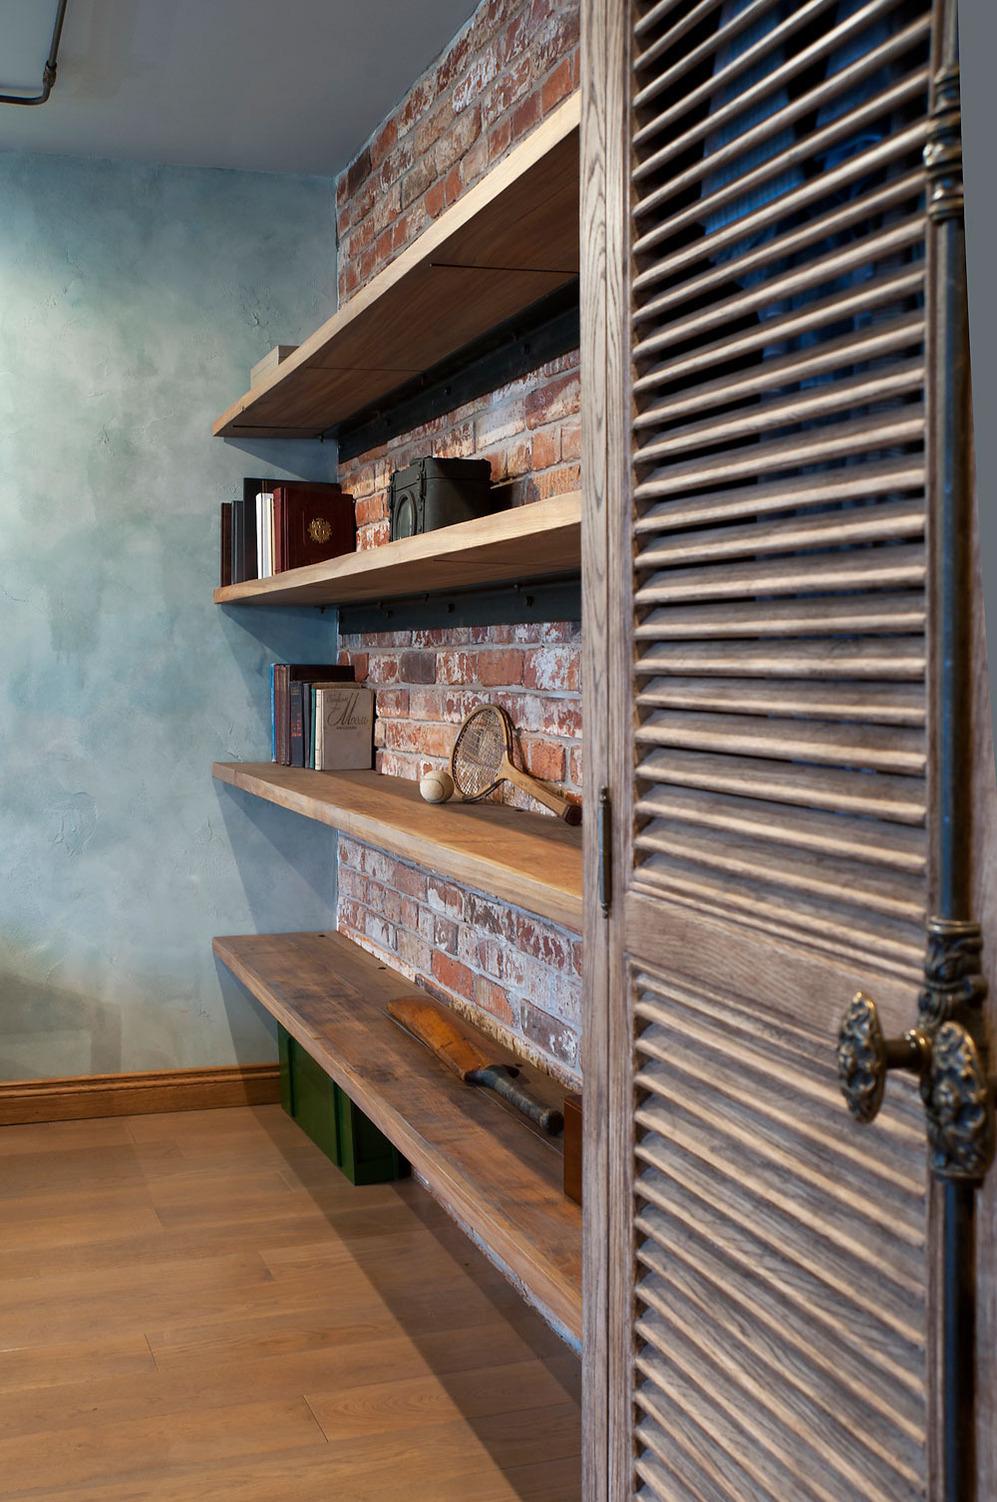 Мебель в стиле лофт : простые идеи для изготовления своими руками 46